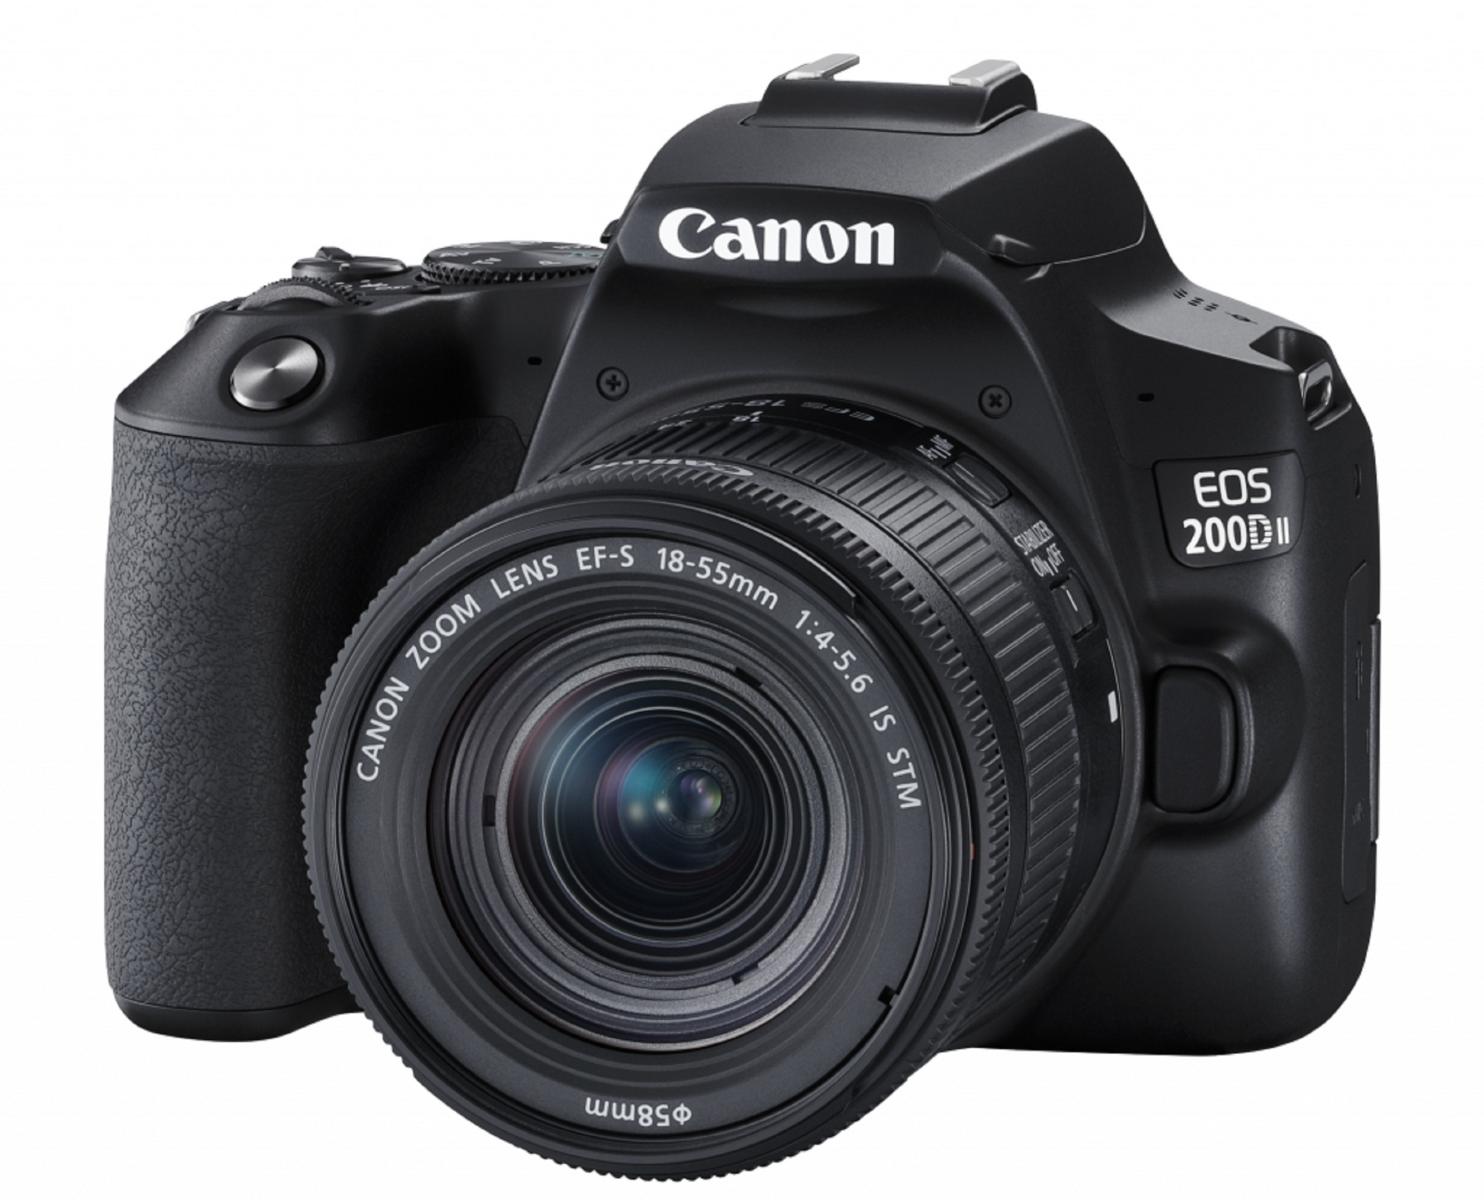 Canon ra mắt EOS 200DII:DSLR nhỏ gọn,quay phim 4K,giá $600